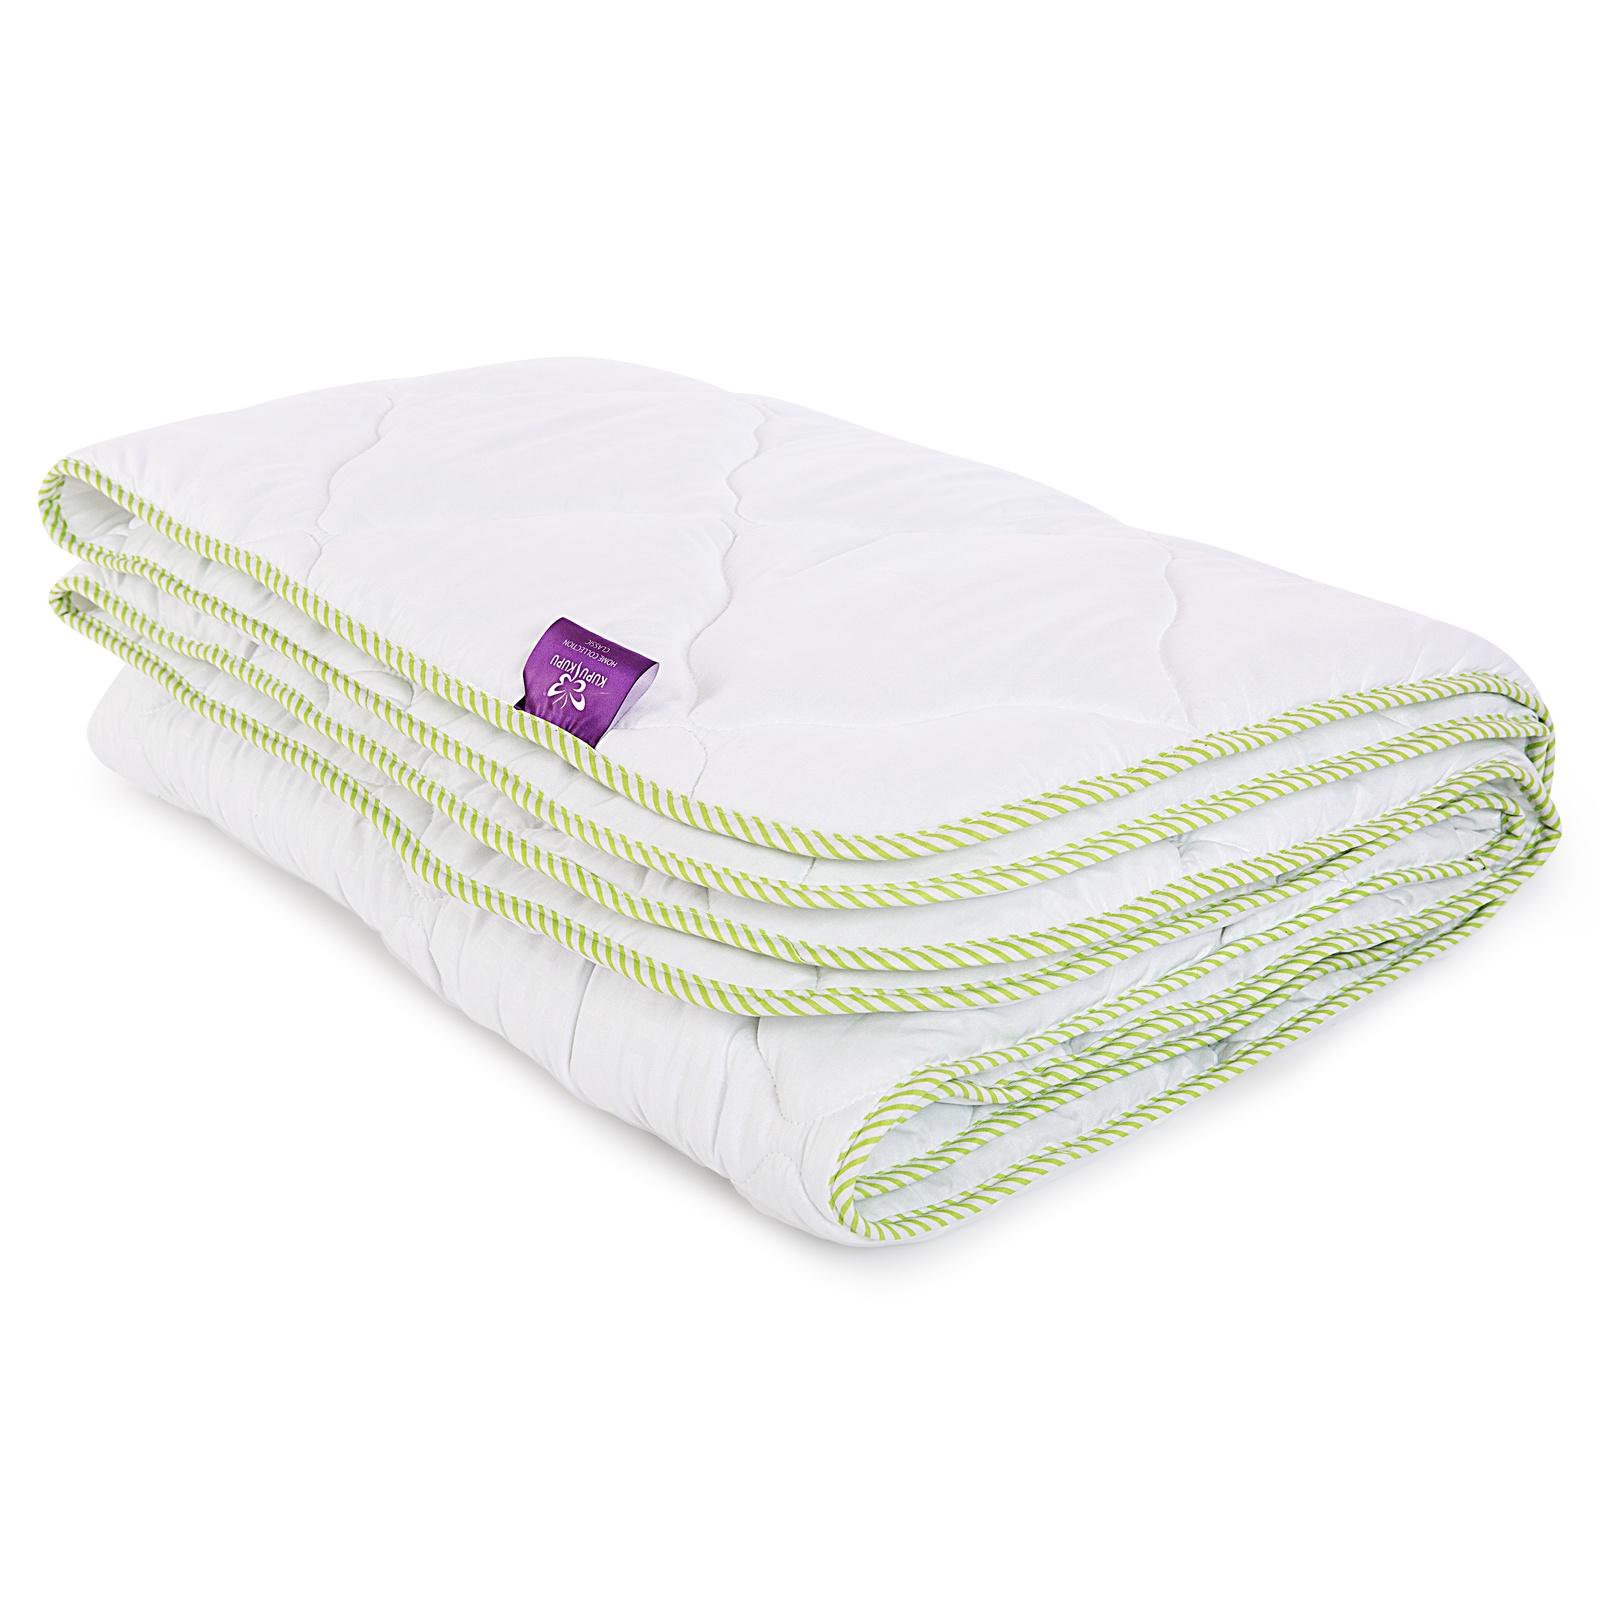 Одеяло KUPU-KUPU Бамбук белый 172х205 см